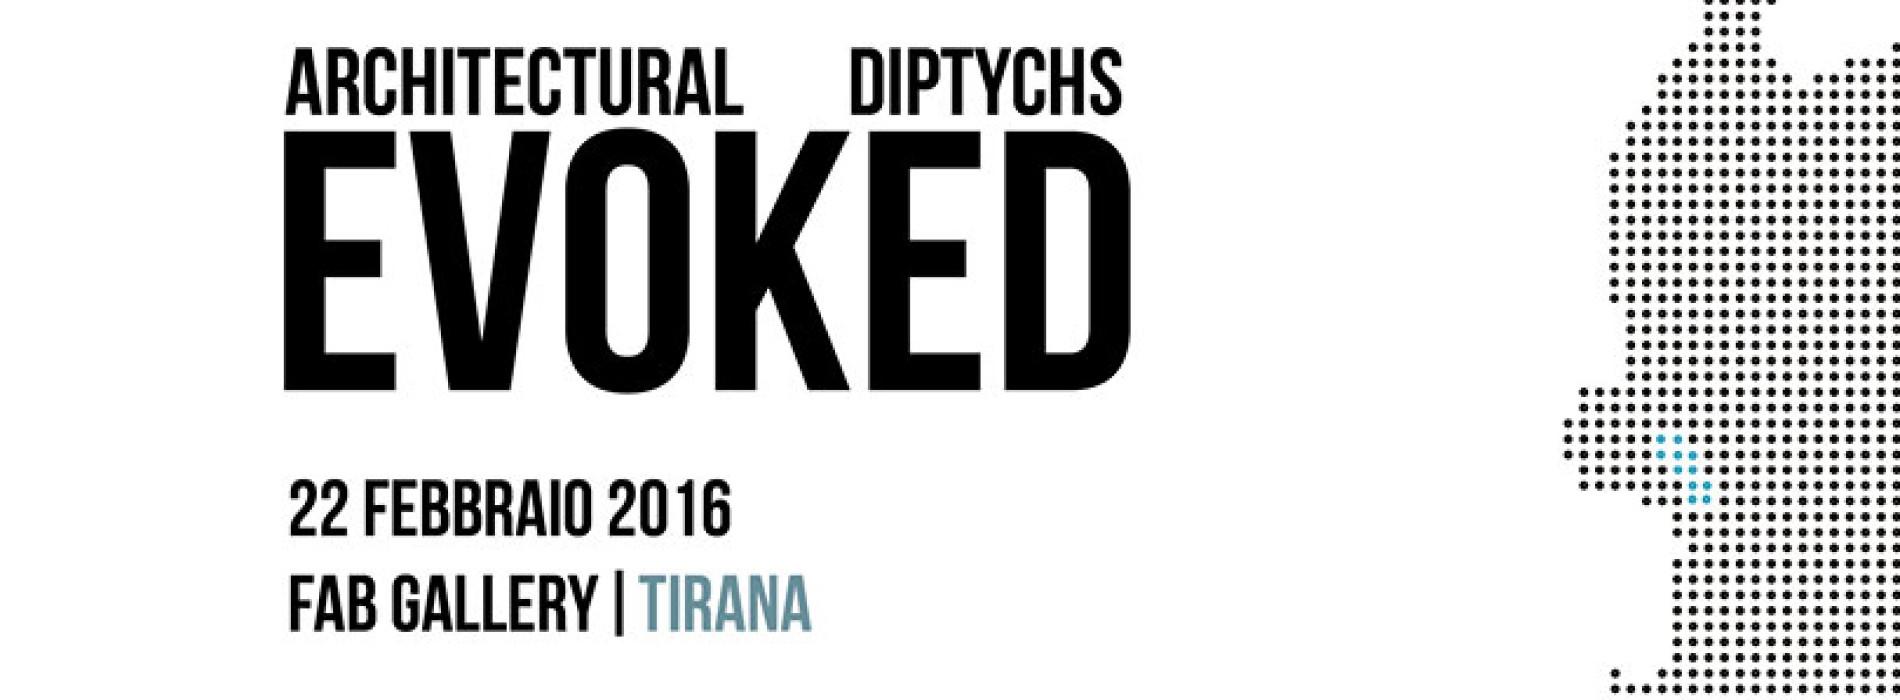 Tirana: Evoked, mostra itinerante sull'abusivismo edilizio